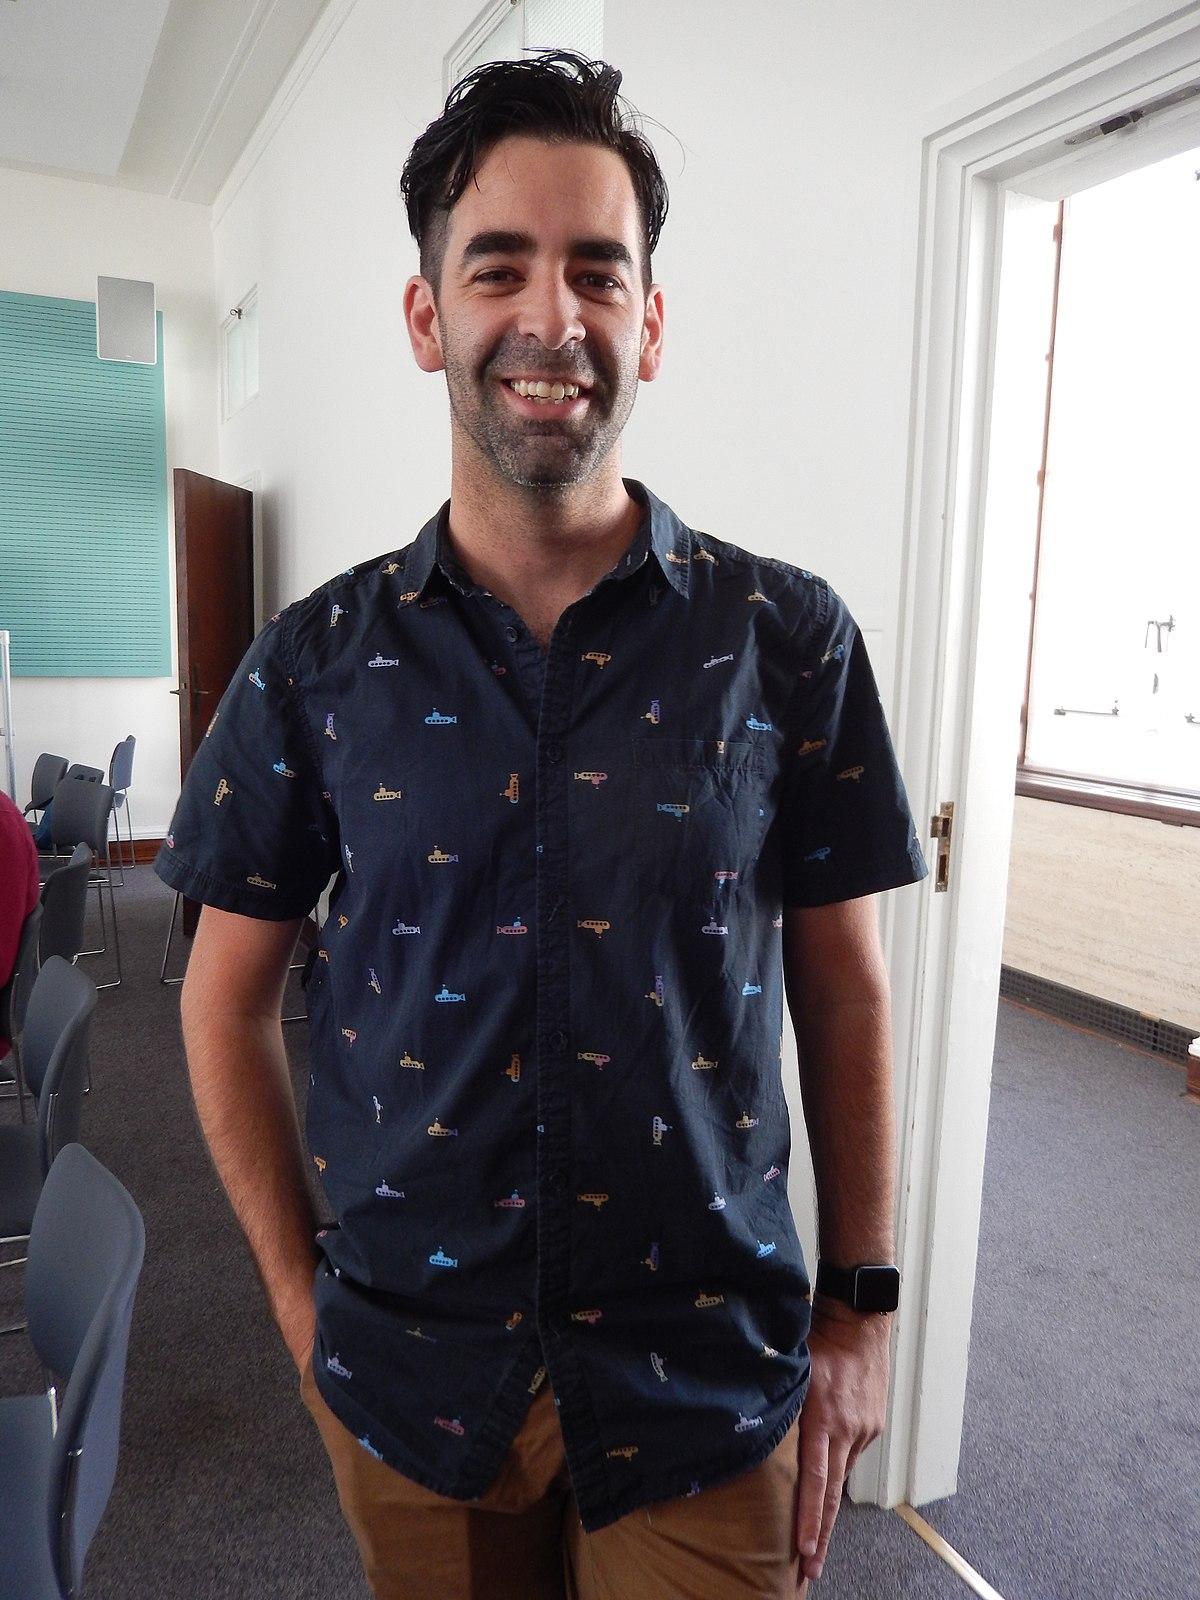 Jeremy Burge - Wikipedia